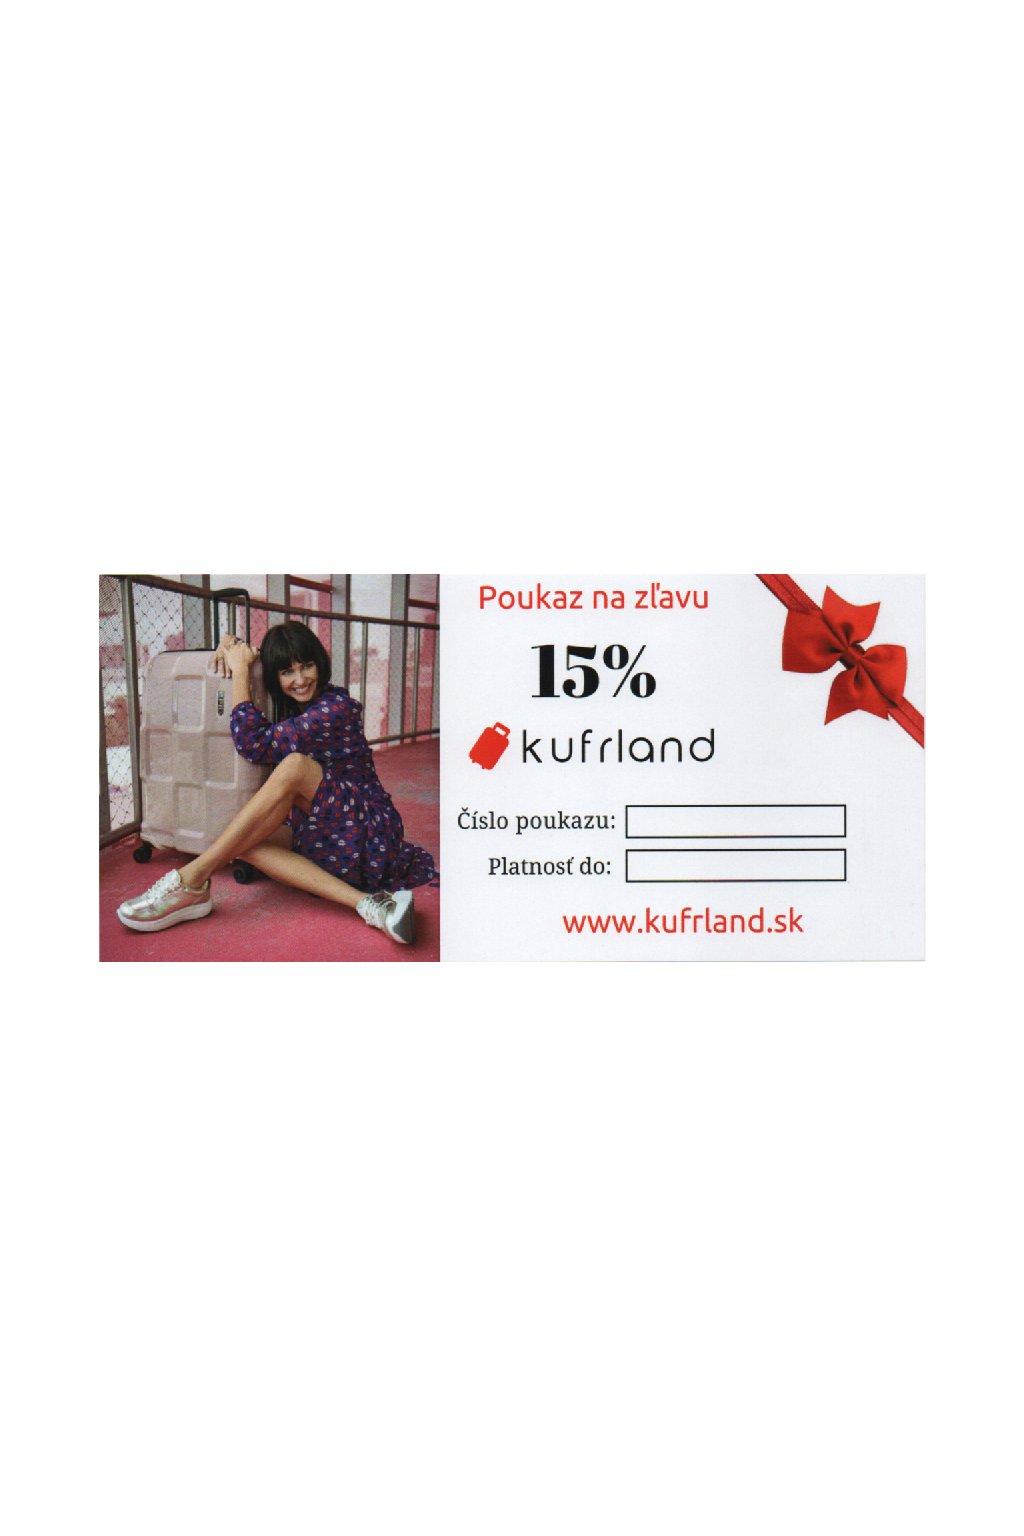 kufrland poukaz 15% sk